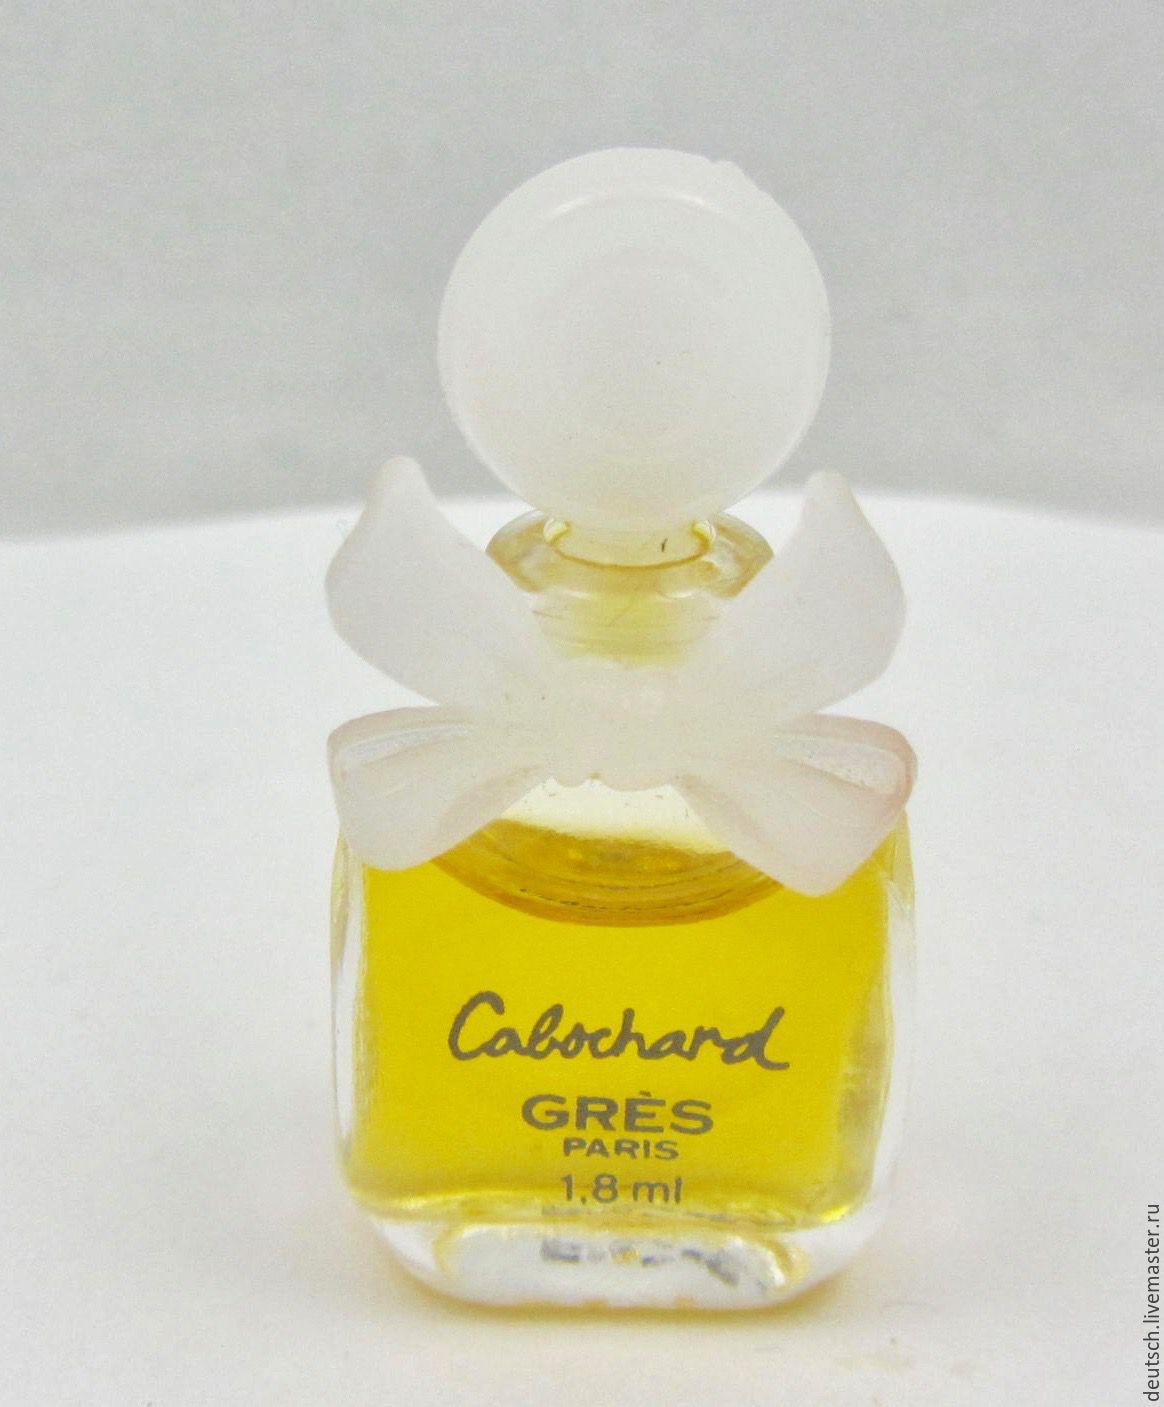 Винтаж: Cabochard GRESS  1,8мл  духи   винтажная миниатюра, Винтажные предметы интерьера, Гамбург, Фото №1